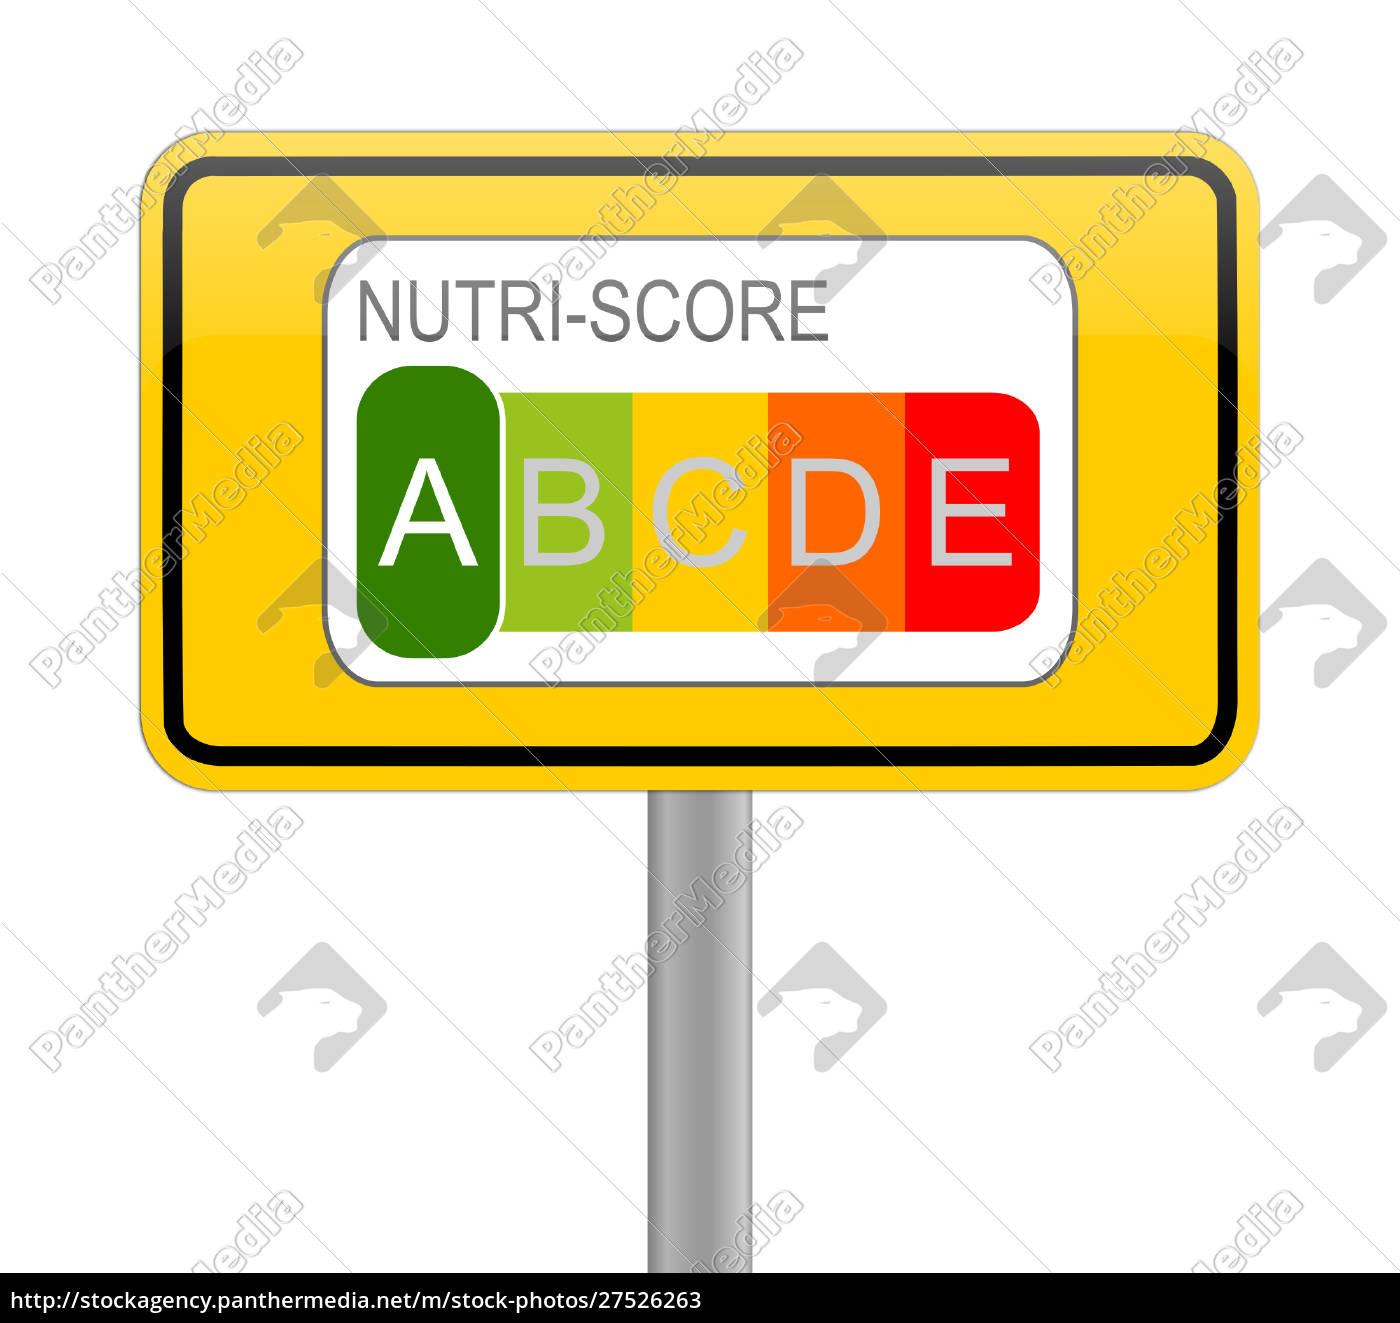 nutri-score, label, , 5-colour, nutrition, label, - - 27526263